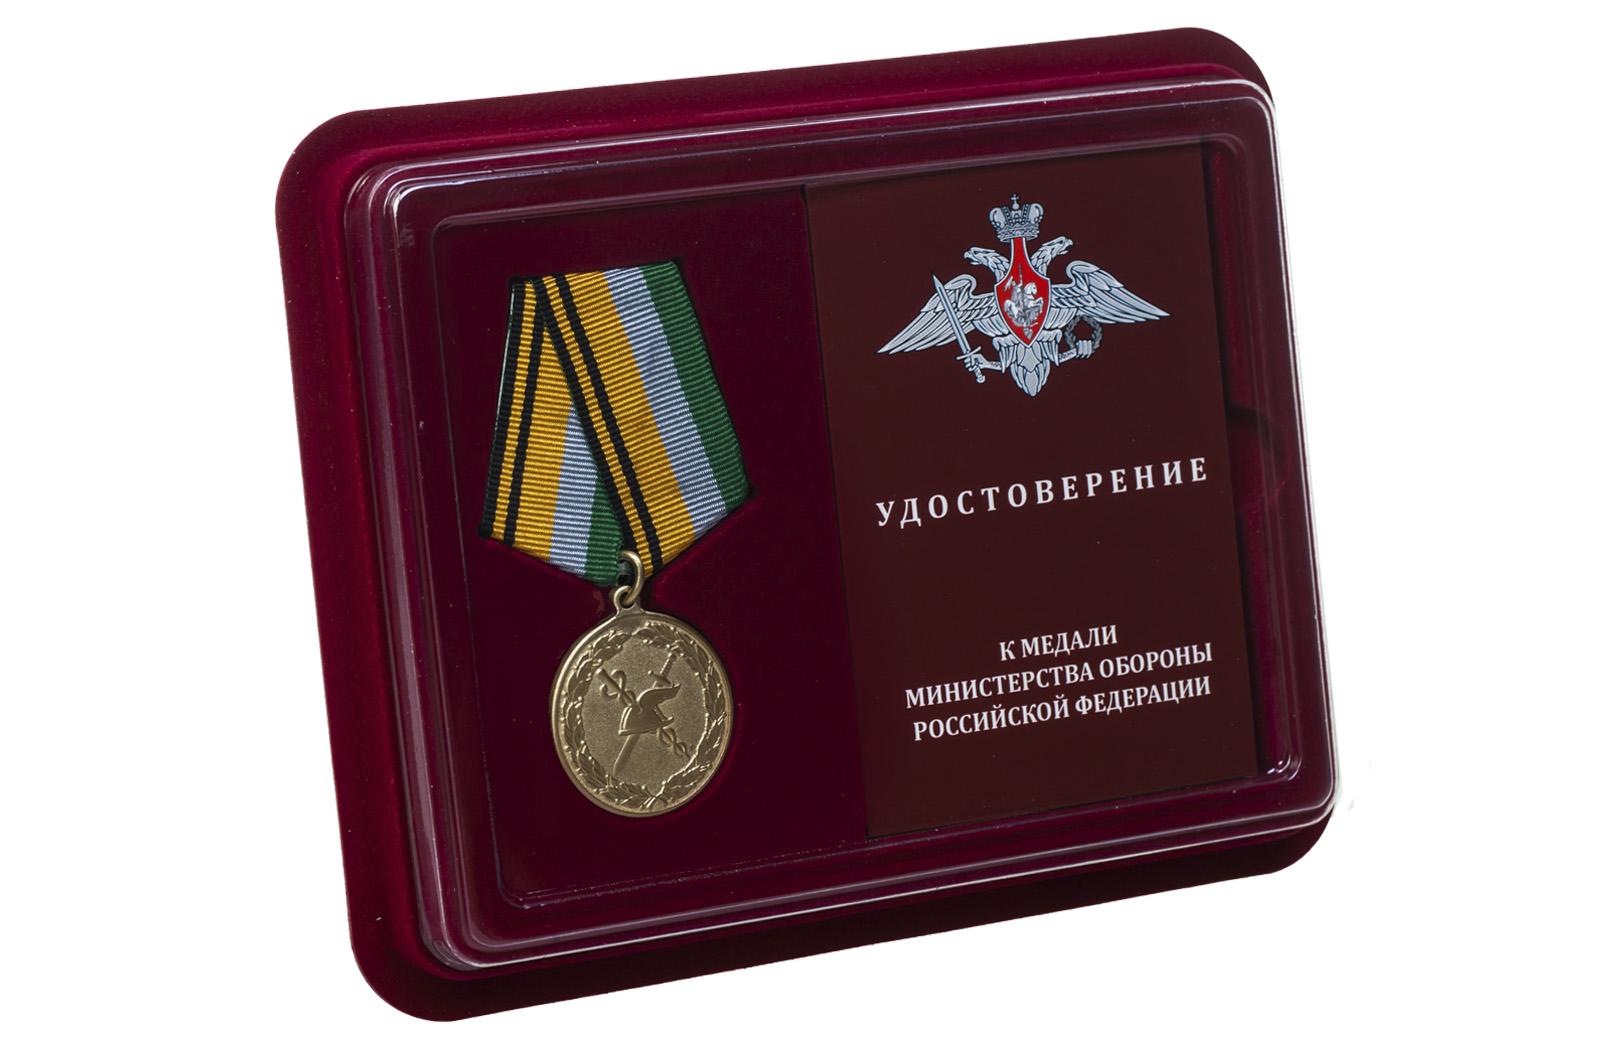 """Медаль МО РФ """"100 лет военной торговле"""" заказать с доставкой и самовывозом"""